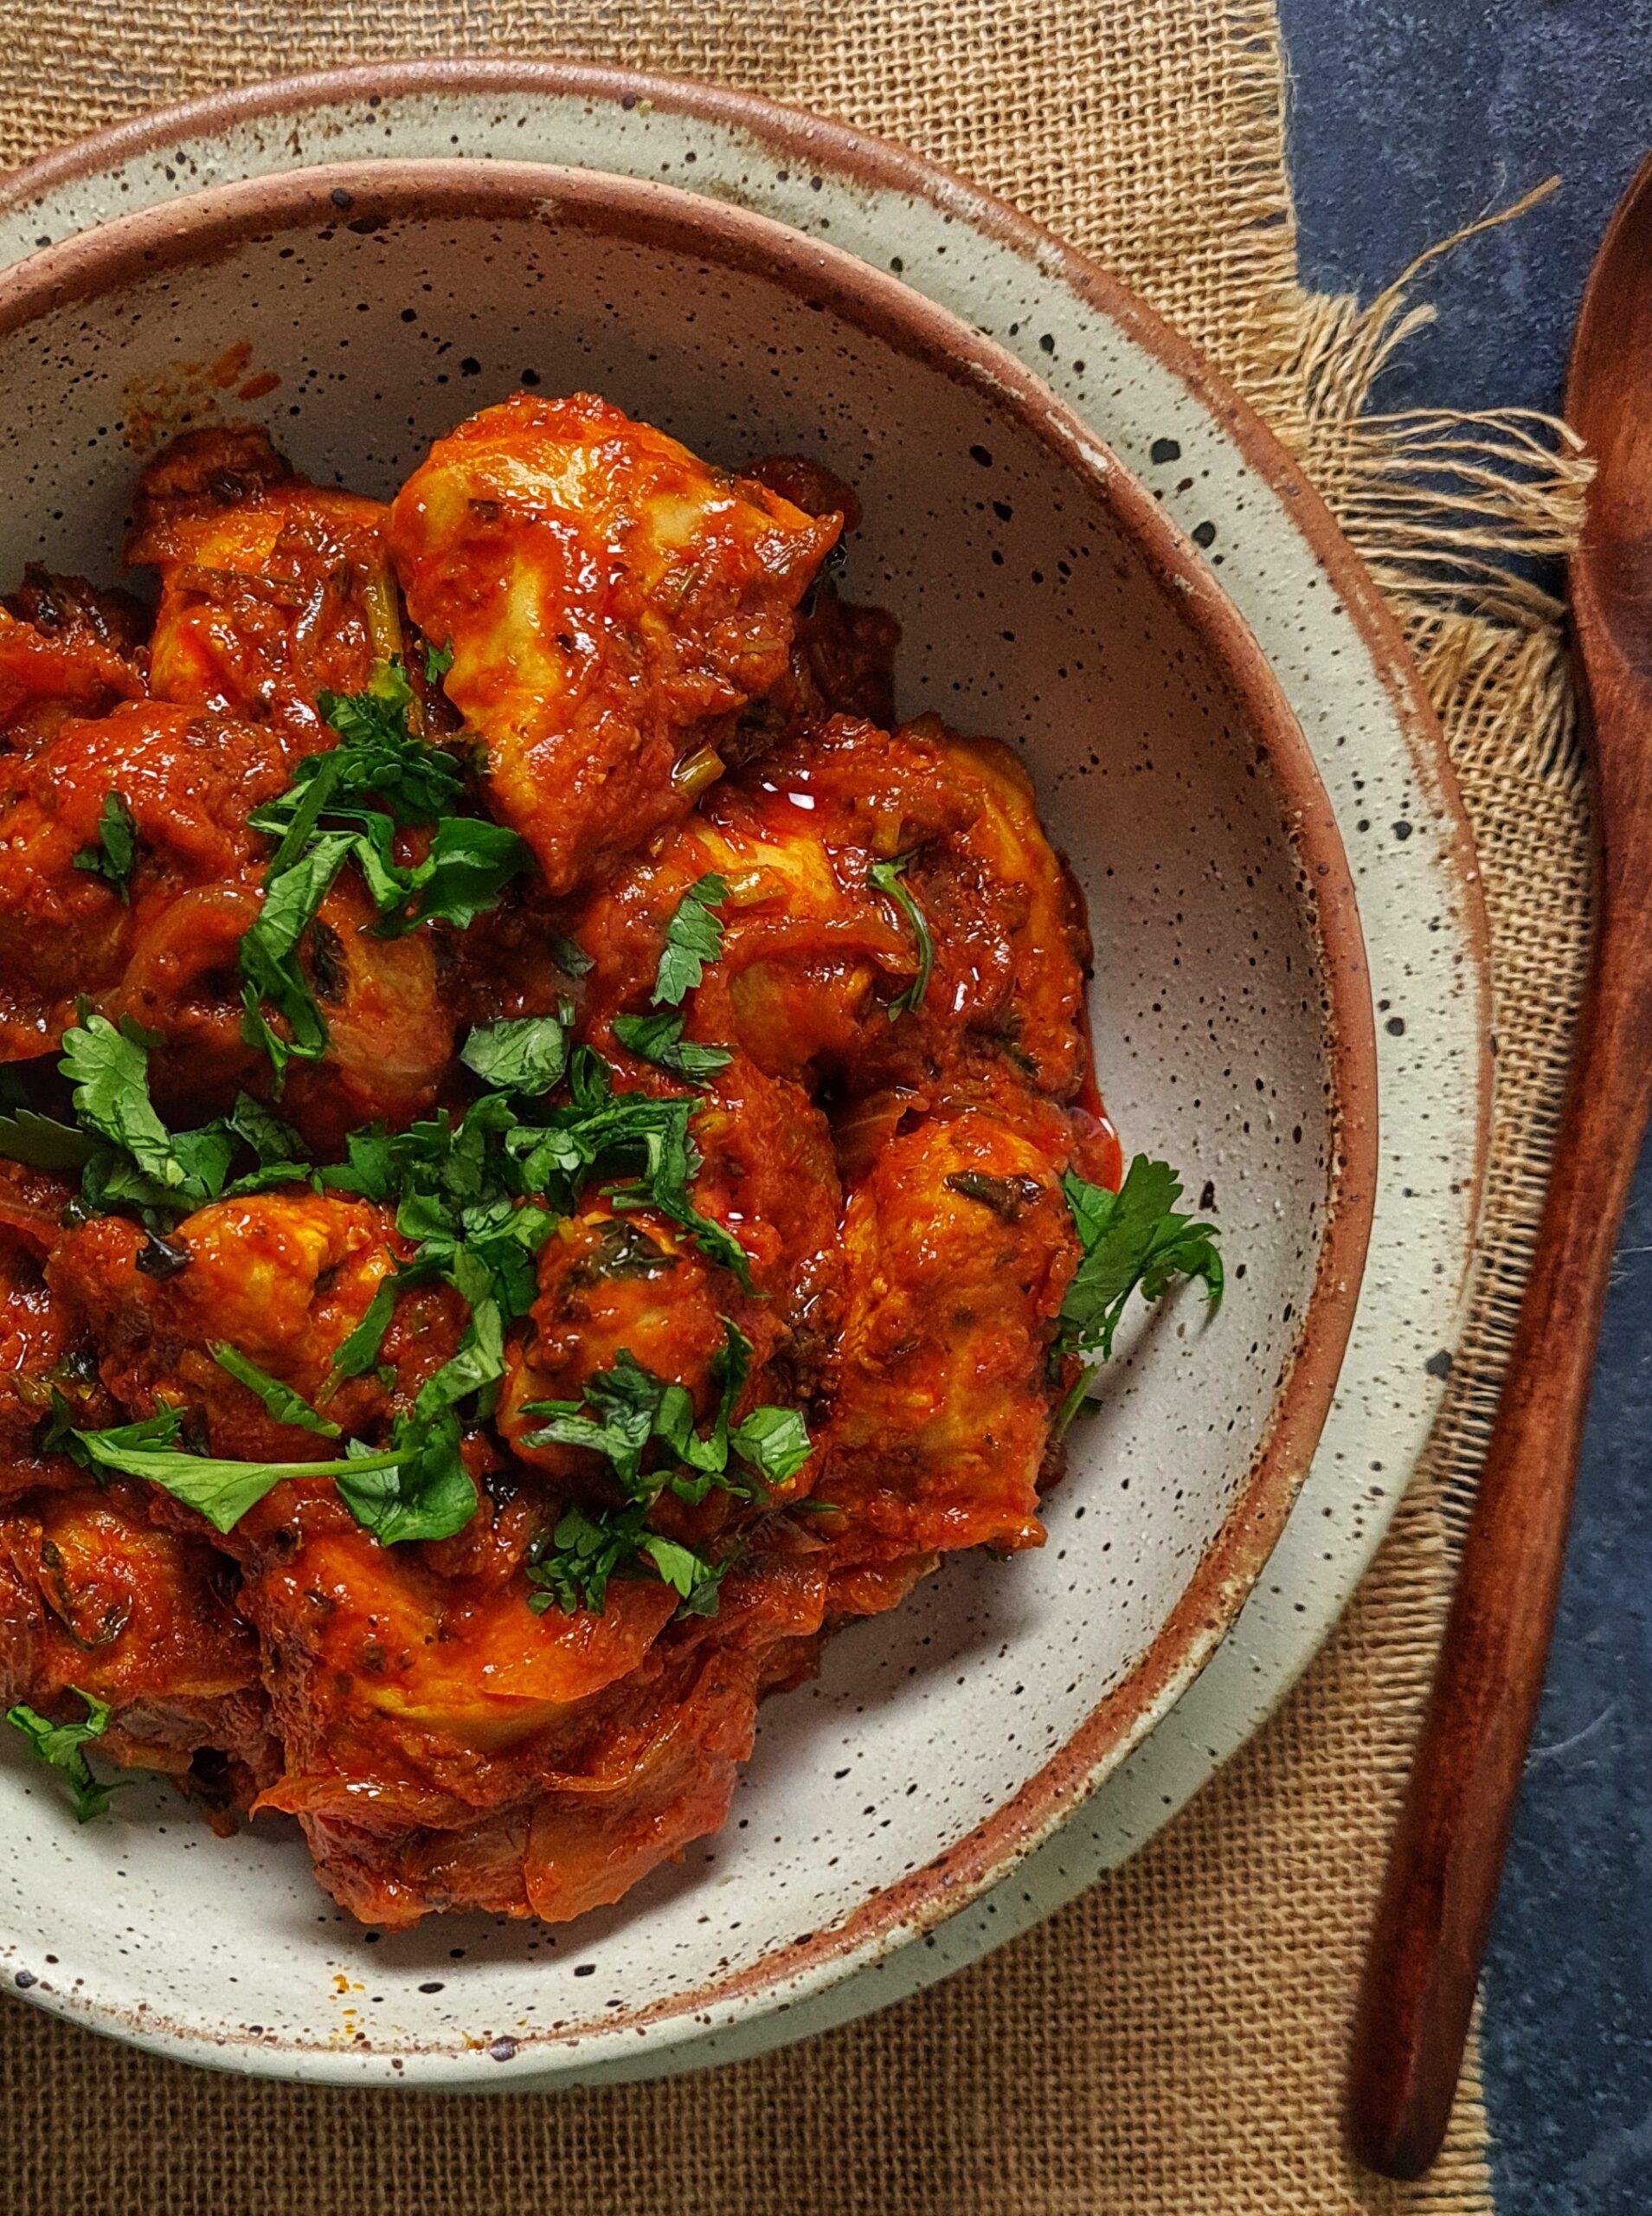 Coriander & Red Chilli Chicken Fry